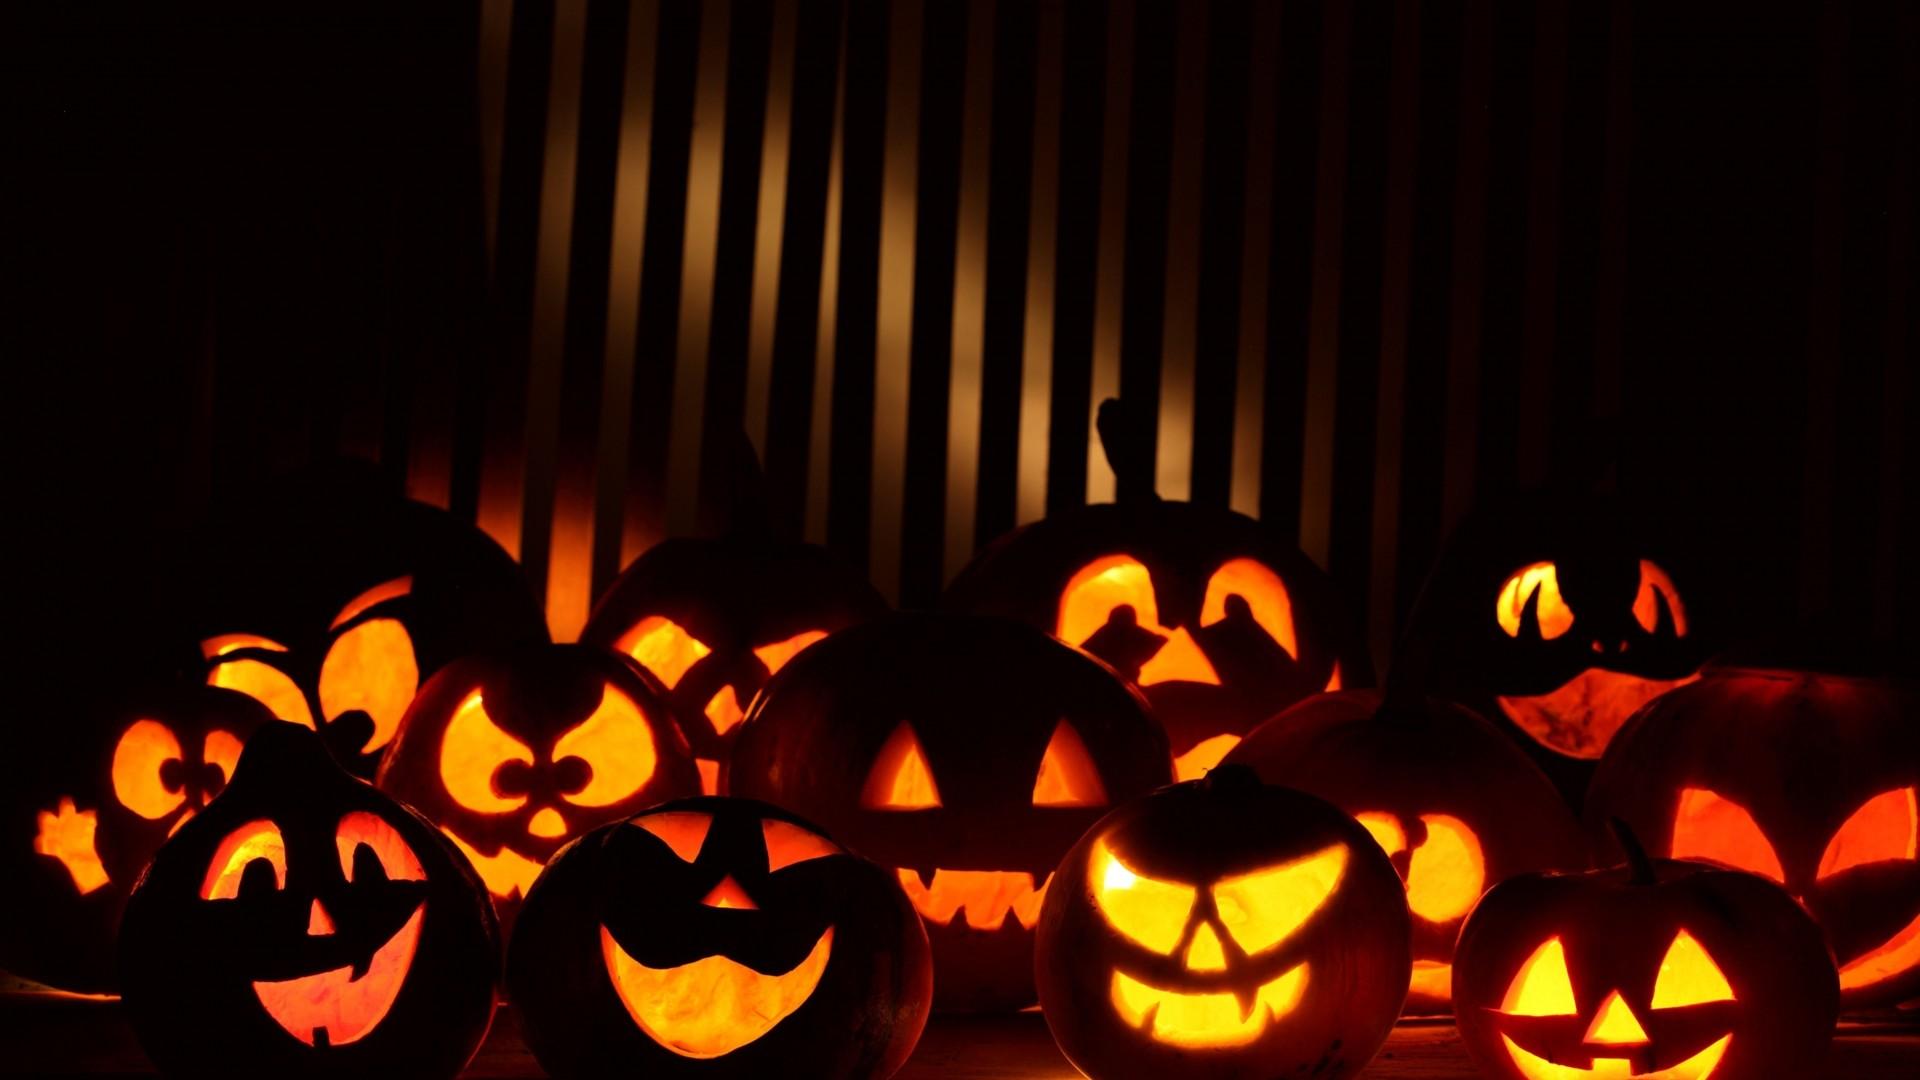 Halloween Desktop Wallpaper Screens 62 Images